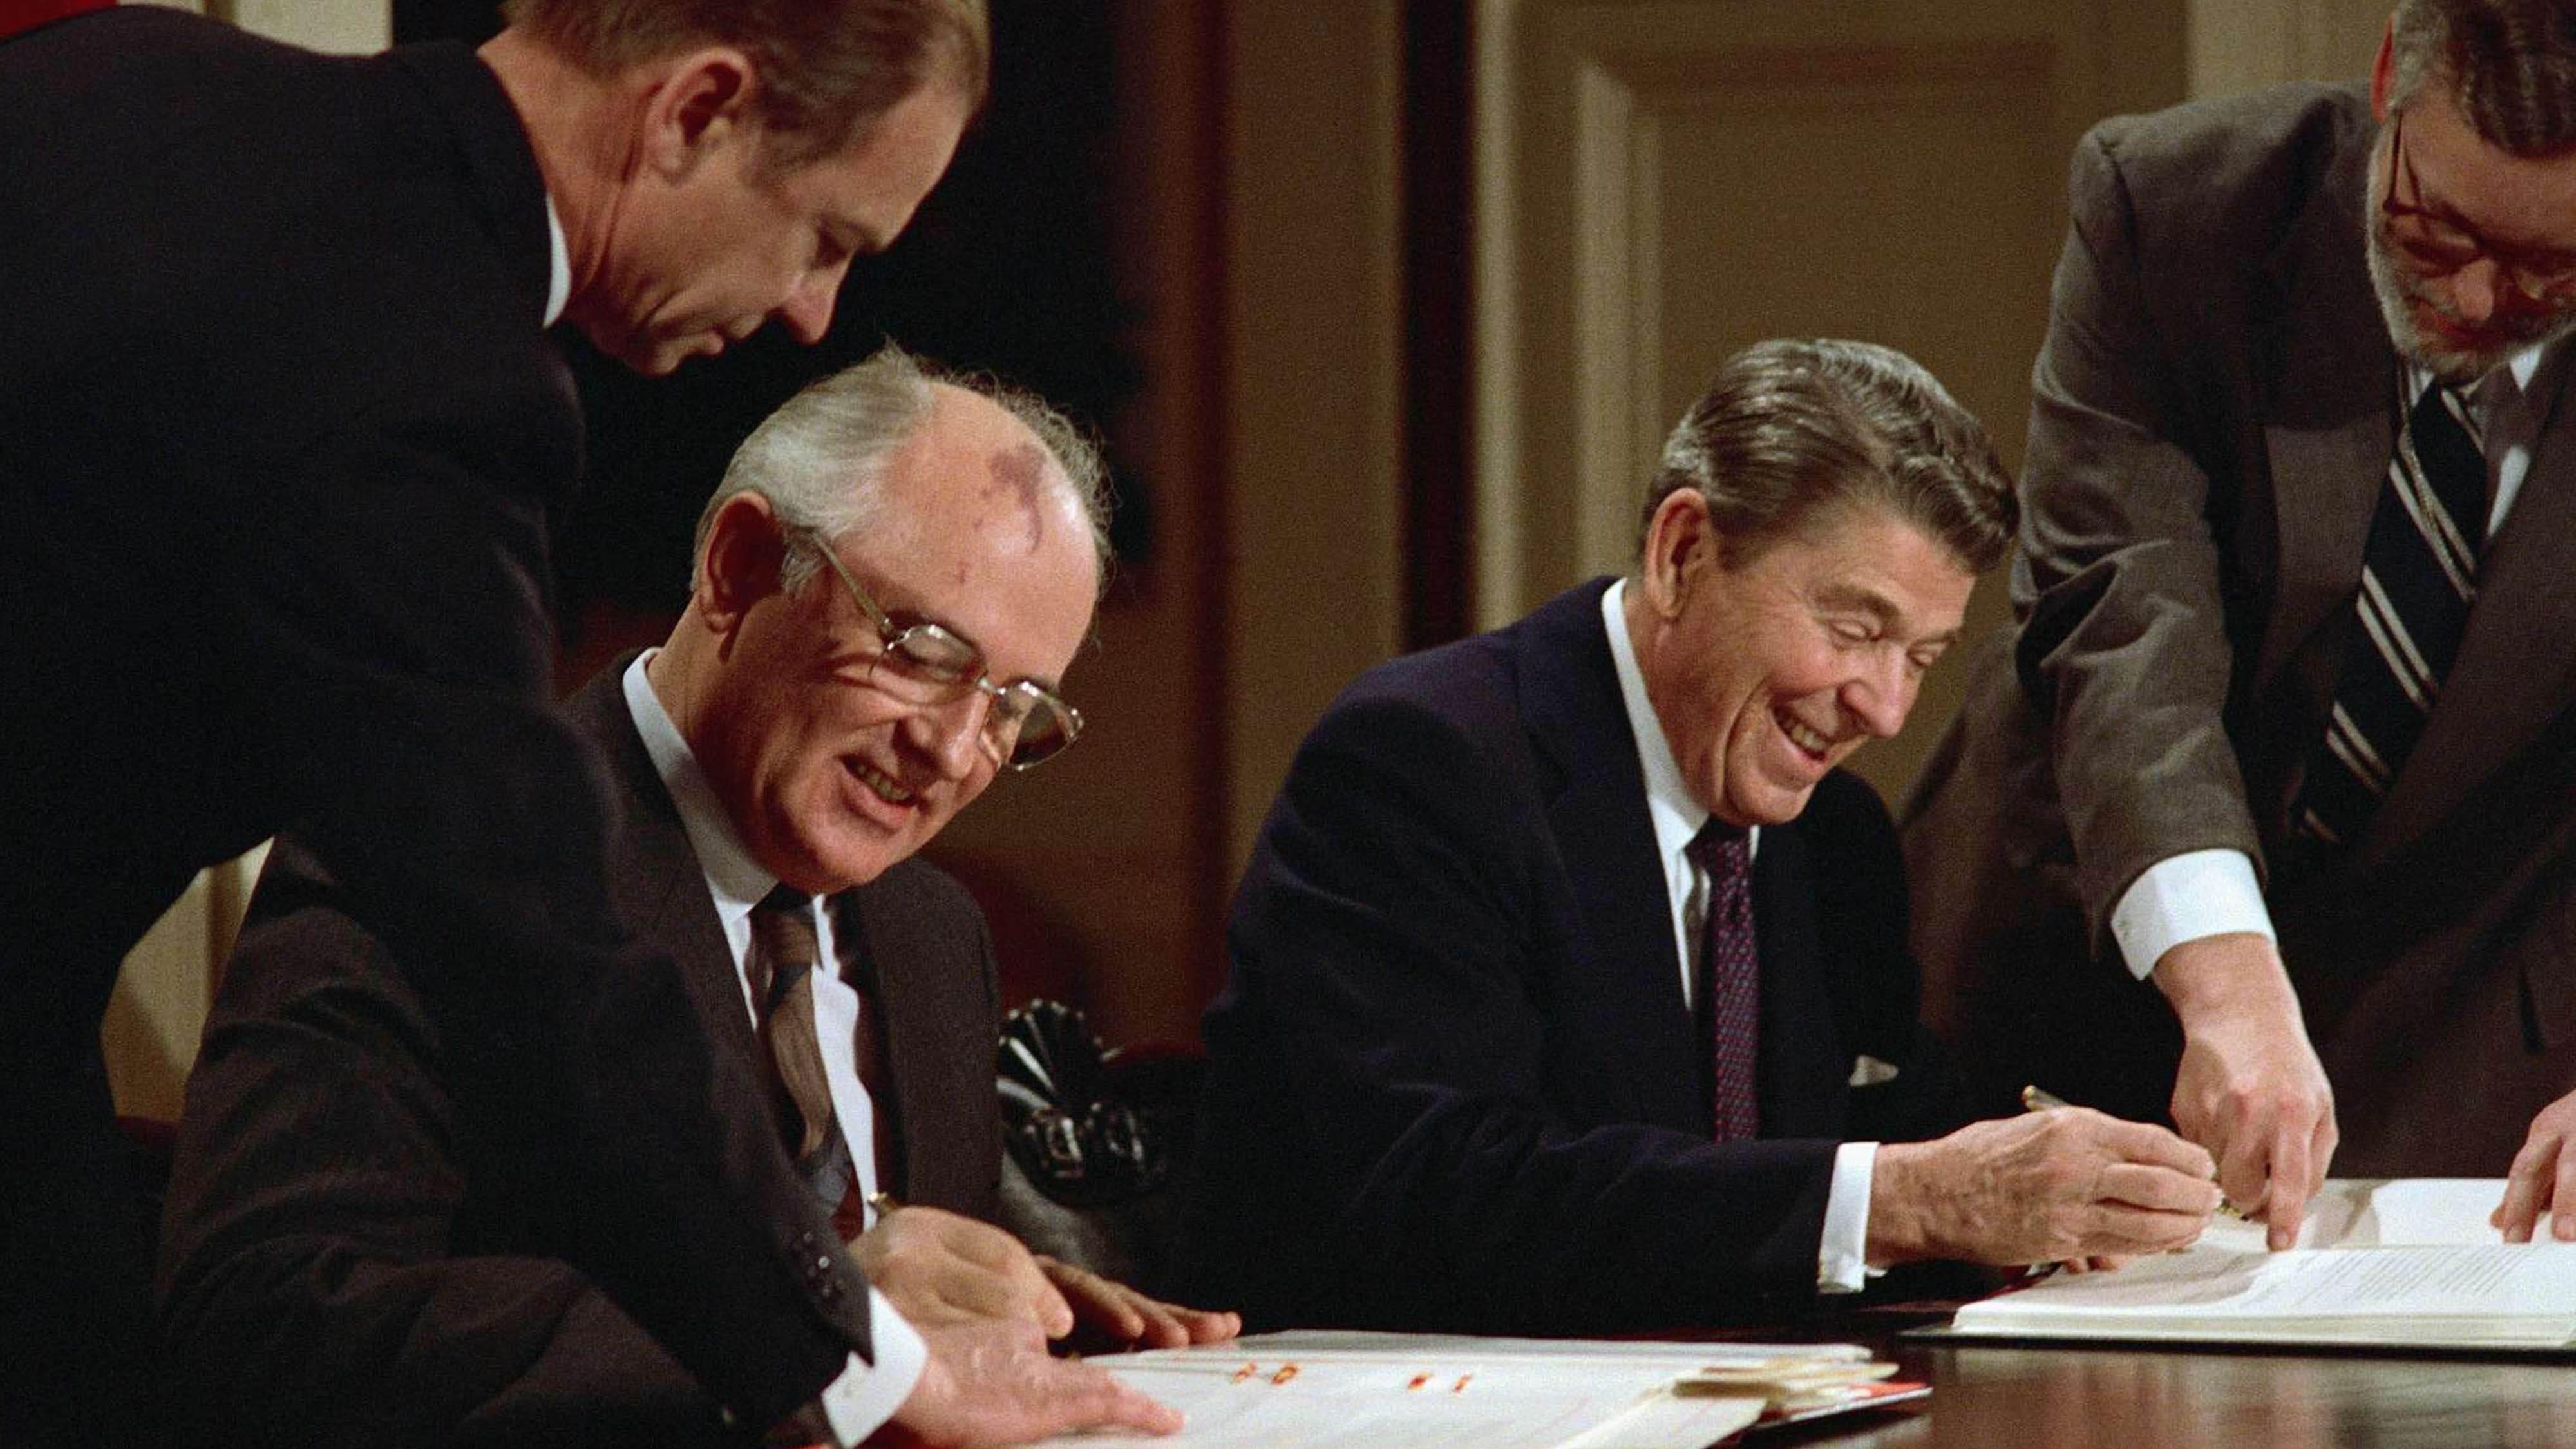 Argazkian, Mikhail Gorbatxov –ezkerrean– eta Ronald Reagan 1987ko abenduaren 8an sinatzen INF akordioa, bi potentziek urte luzez negoziatu ostean. Tratuak debekatu zituen errusiarrek eta iparramerikarrek orduan zeuzkaten misil guztien artean 500dik 5.500